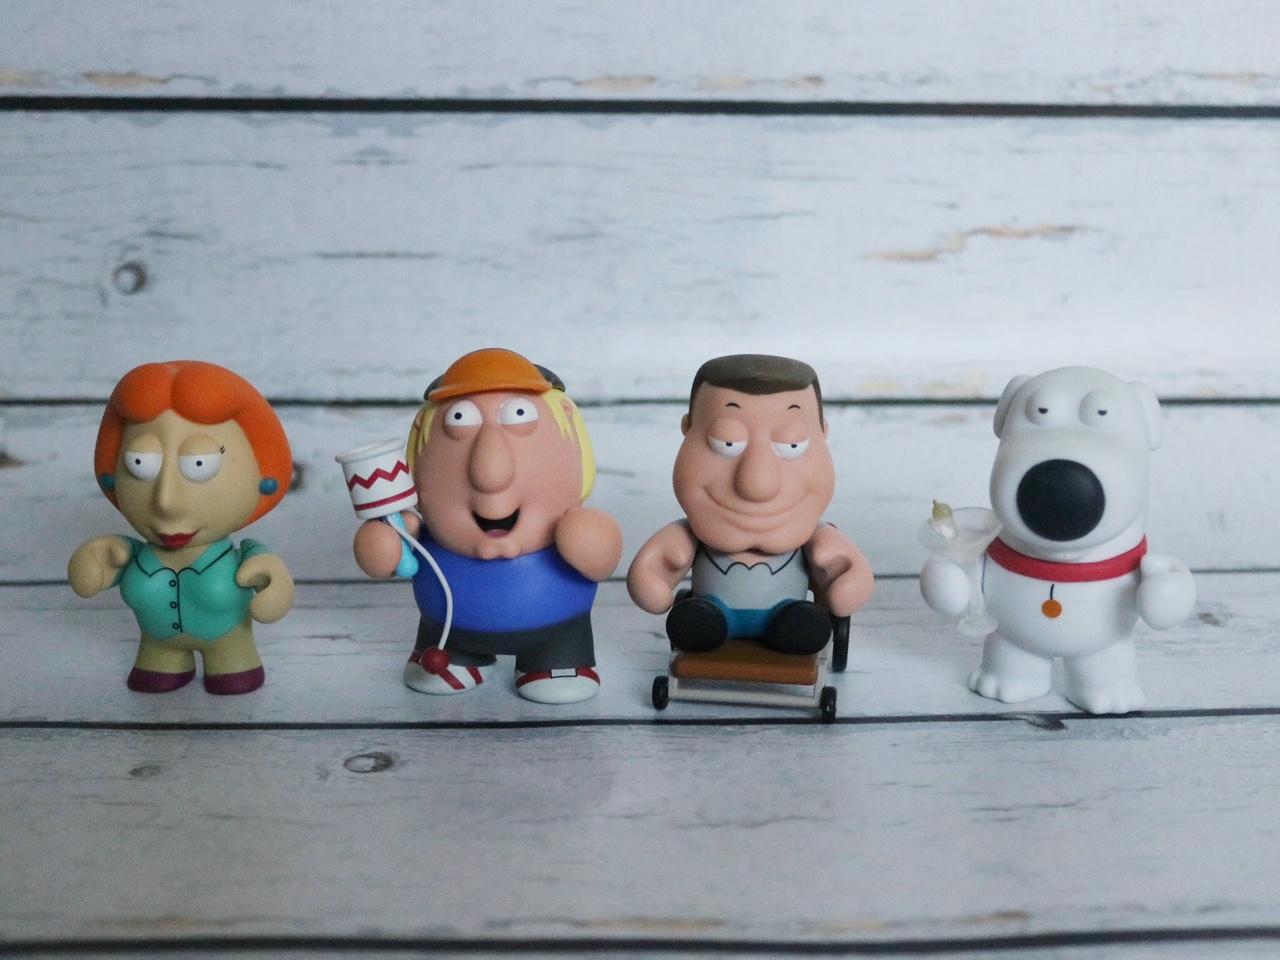 Kidrobot Family Guy